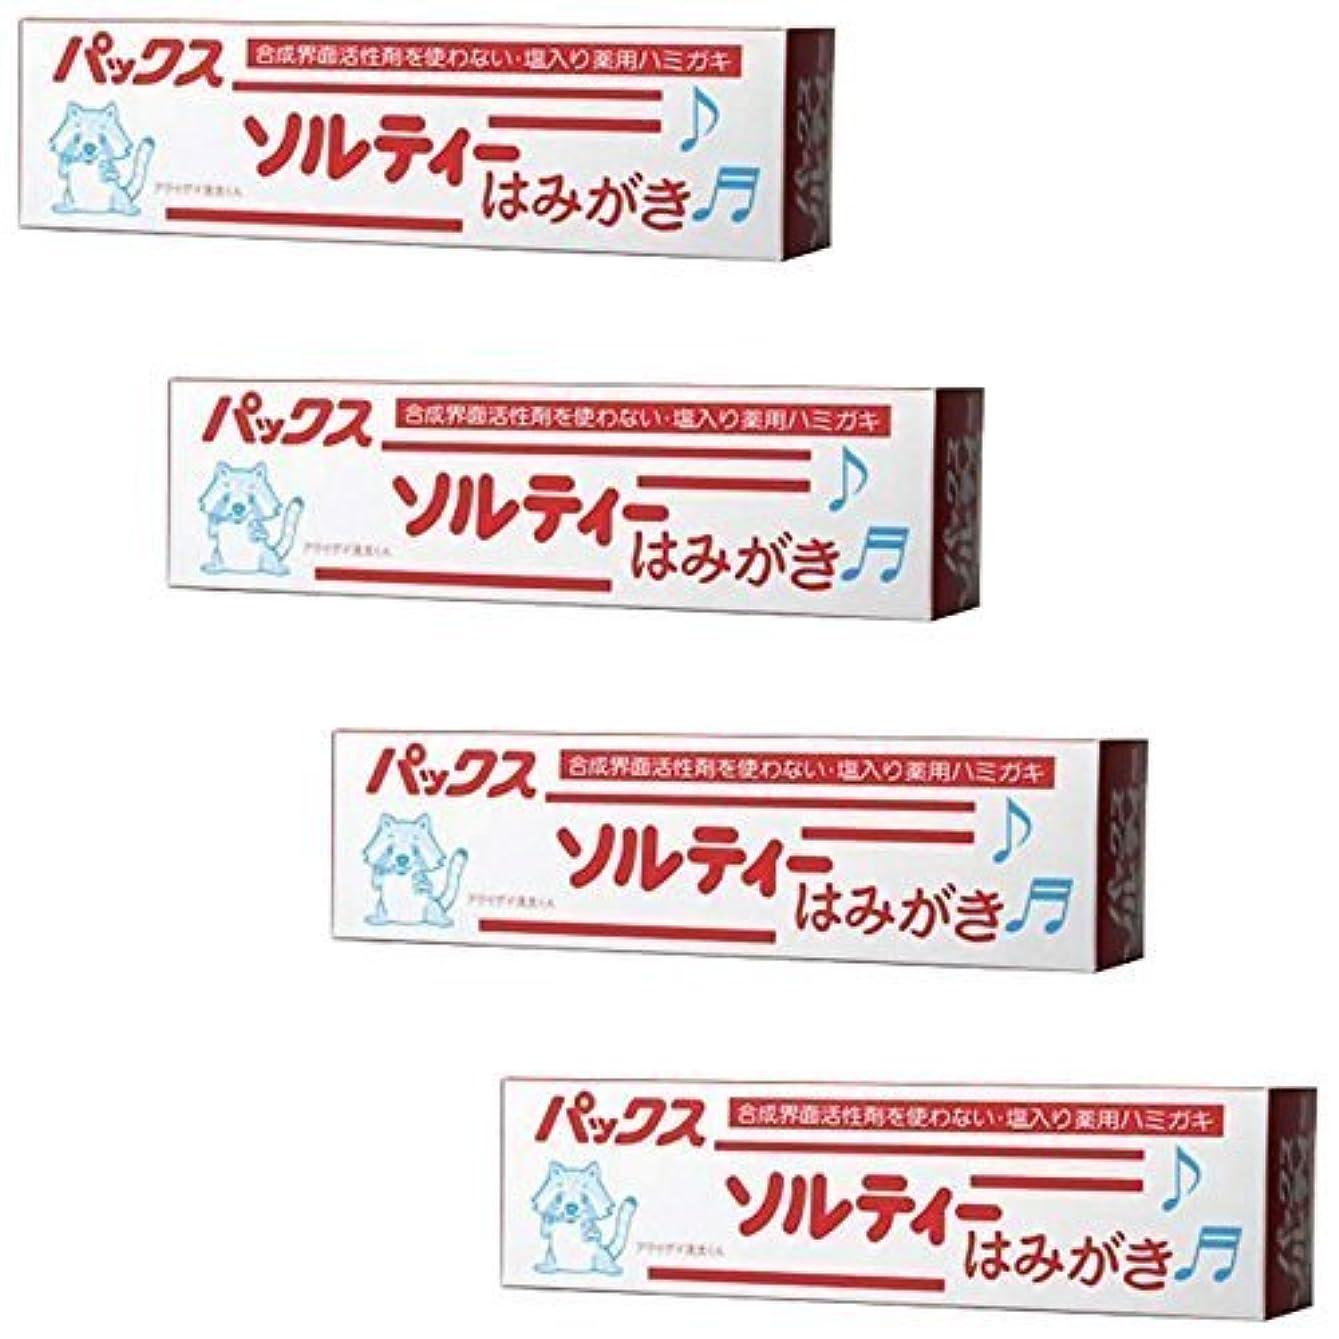 熱心空港ブレーク【セット品】パックスソルティーはみがき 80g (塩歯磨き粉) (80g×4個)